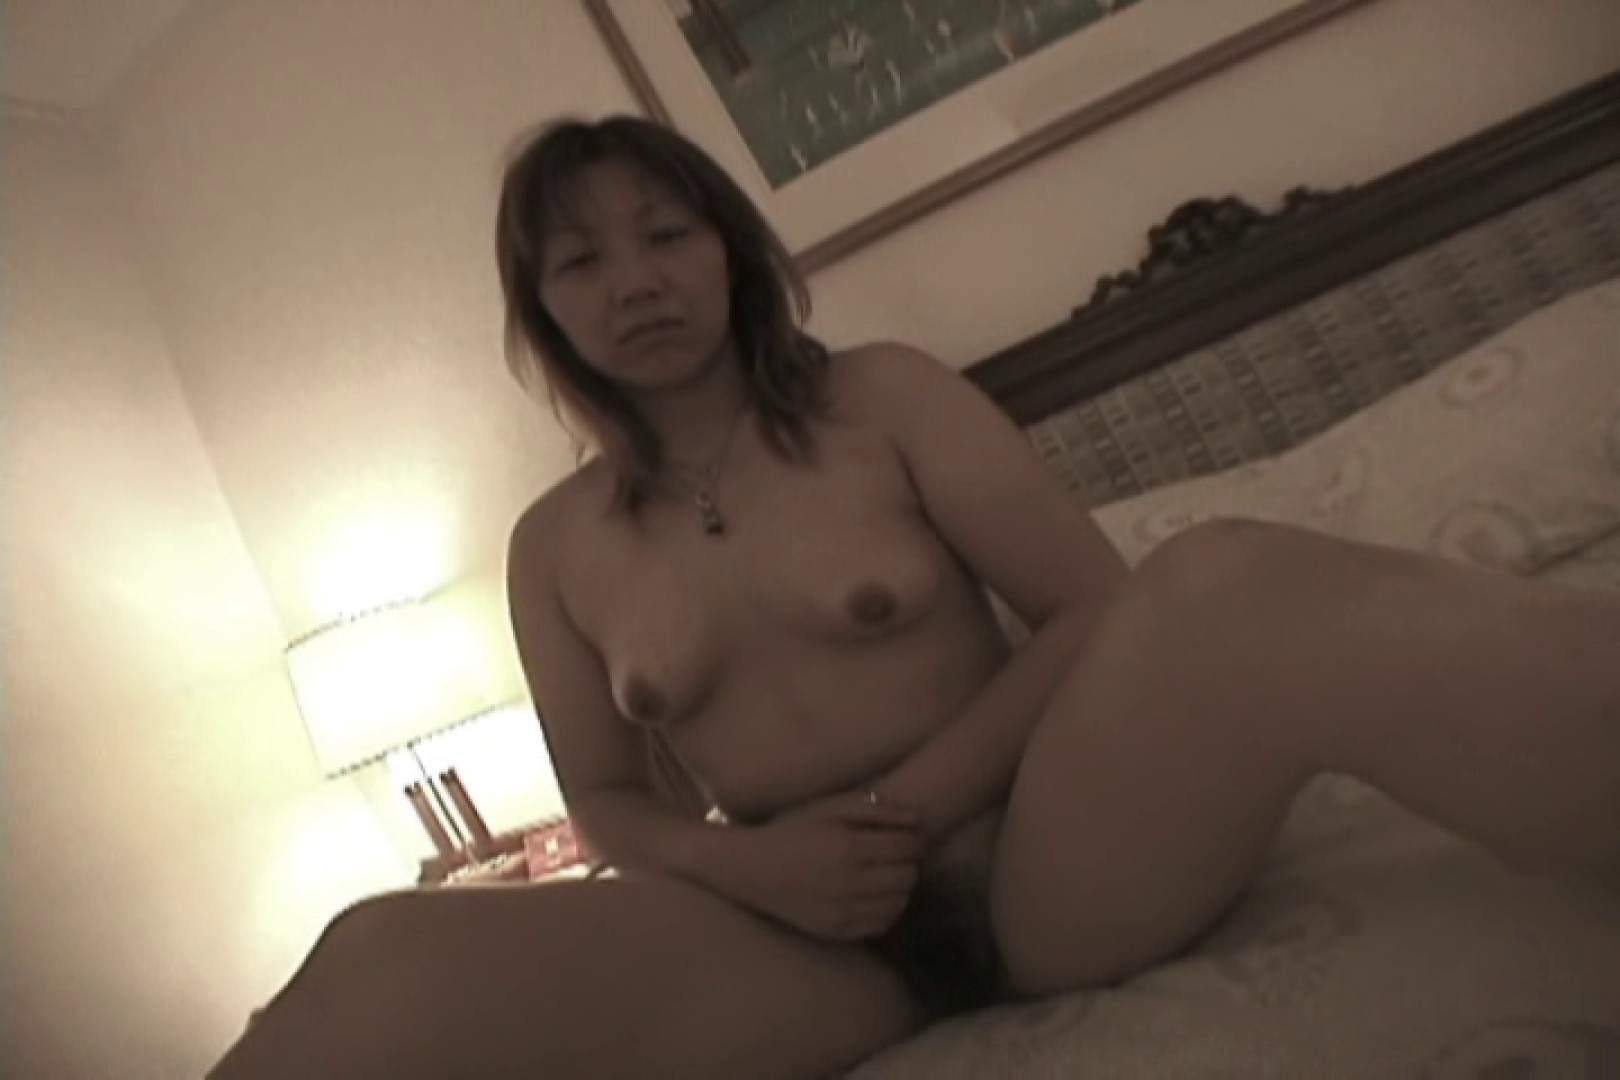 ツンデレ素人嬢もチンポには弱い~増田あけみ~ 素人  105枚 68